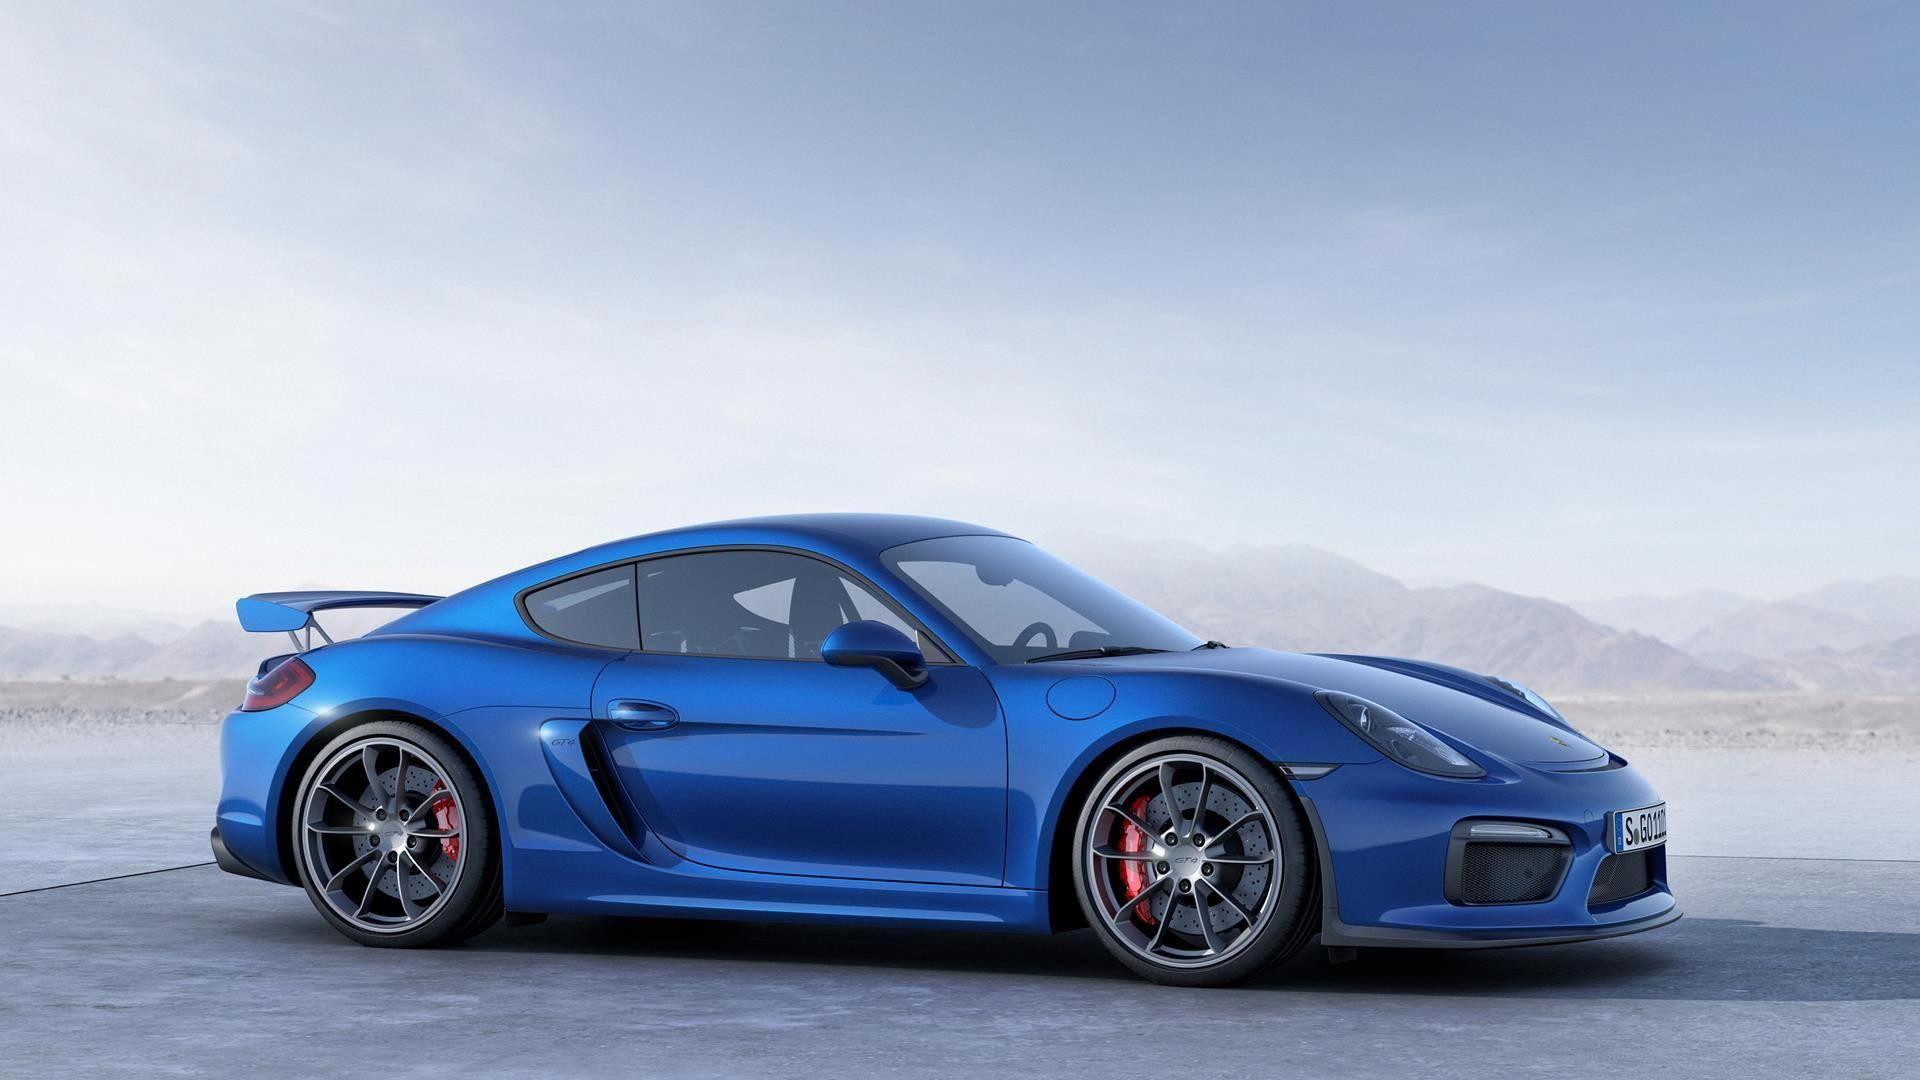 Porsche Cayman Gt4 Wallpaper Pack 1080p Hd Edwina Sheldon 1920x1080 Porschecaymangt4 Cayman Gt4 Porsche Volkswagen Touareg